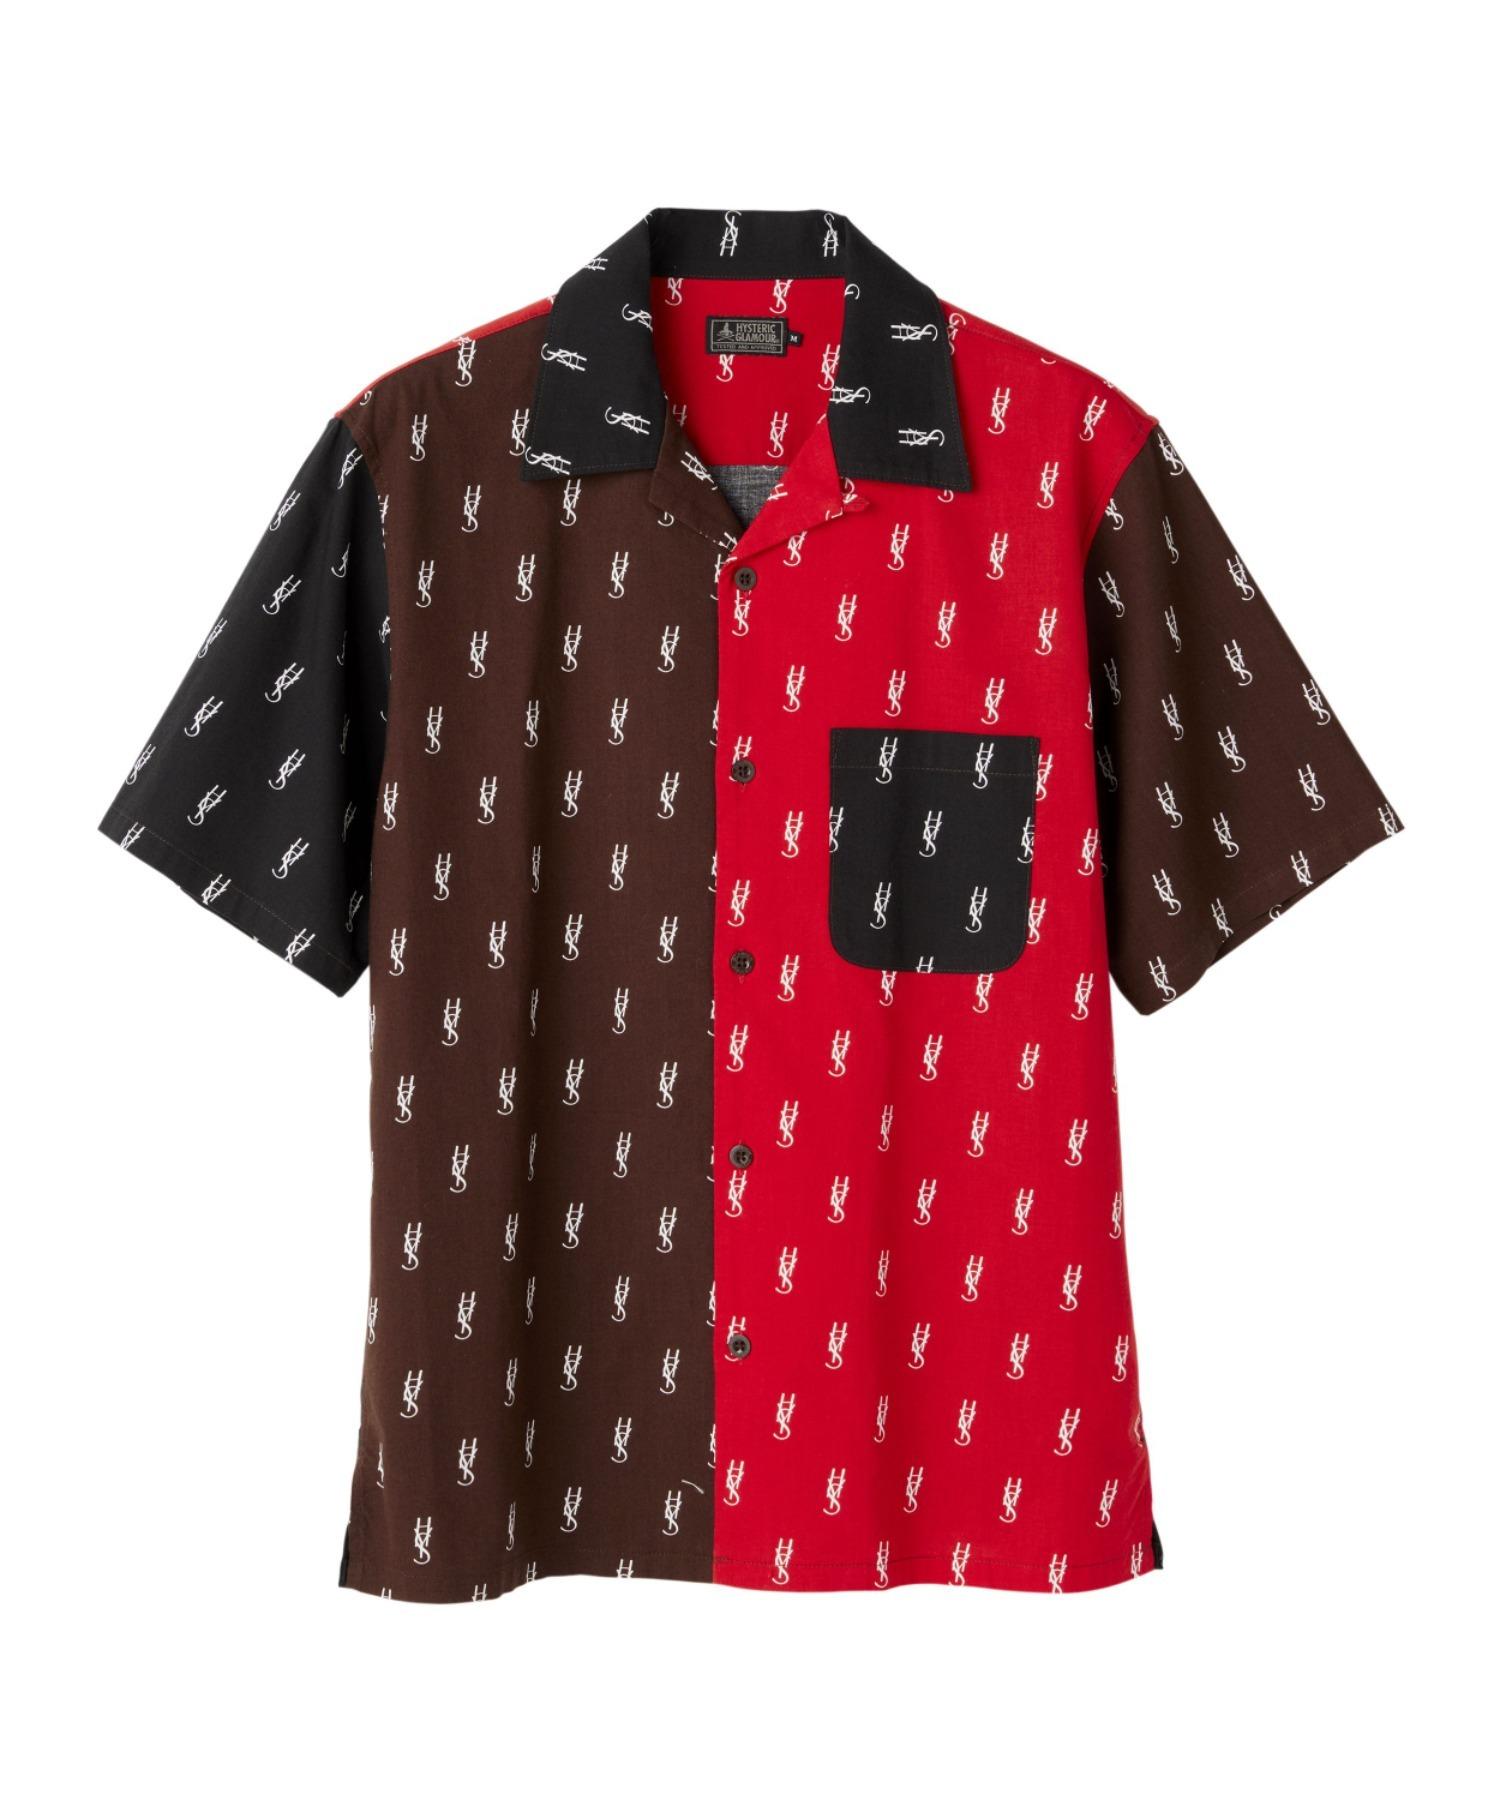 HYS MONOGRAM柄 クレイジーパターンオープンカラーシャツ